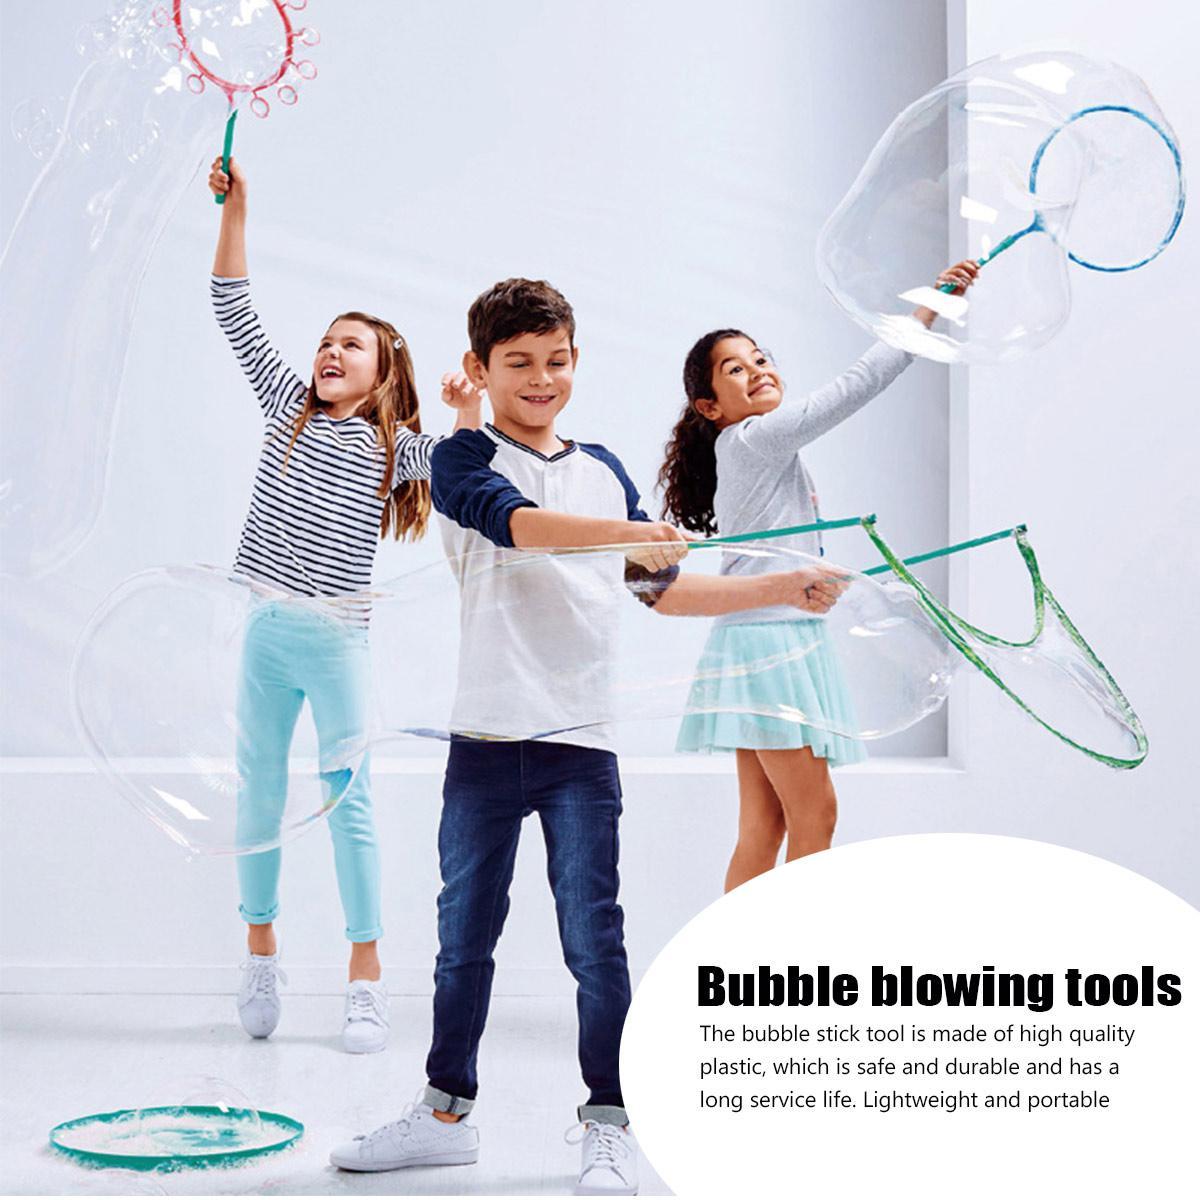 13 piezas de herramientas de jabón de burbujas de fantasía mágica juego de palos de burbuja de juguete de regalo divertido al aire libre soplador de burbujas para niños 12 unids/set niños cocina juguetes chicas Mini juego de herramientas niños cocina de acero inoxidable ollas sartenes juguetes Kit